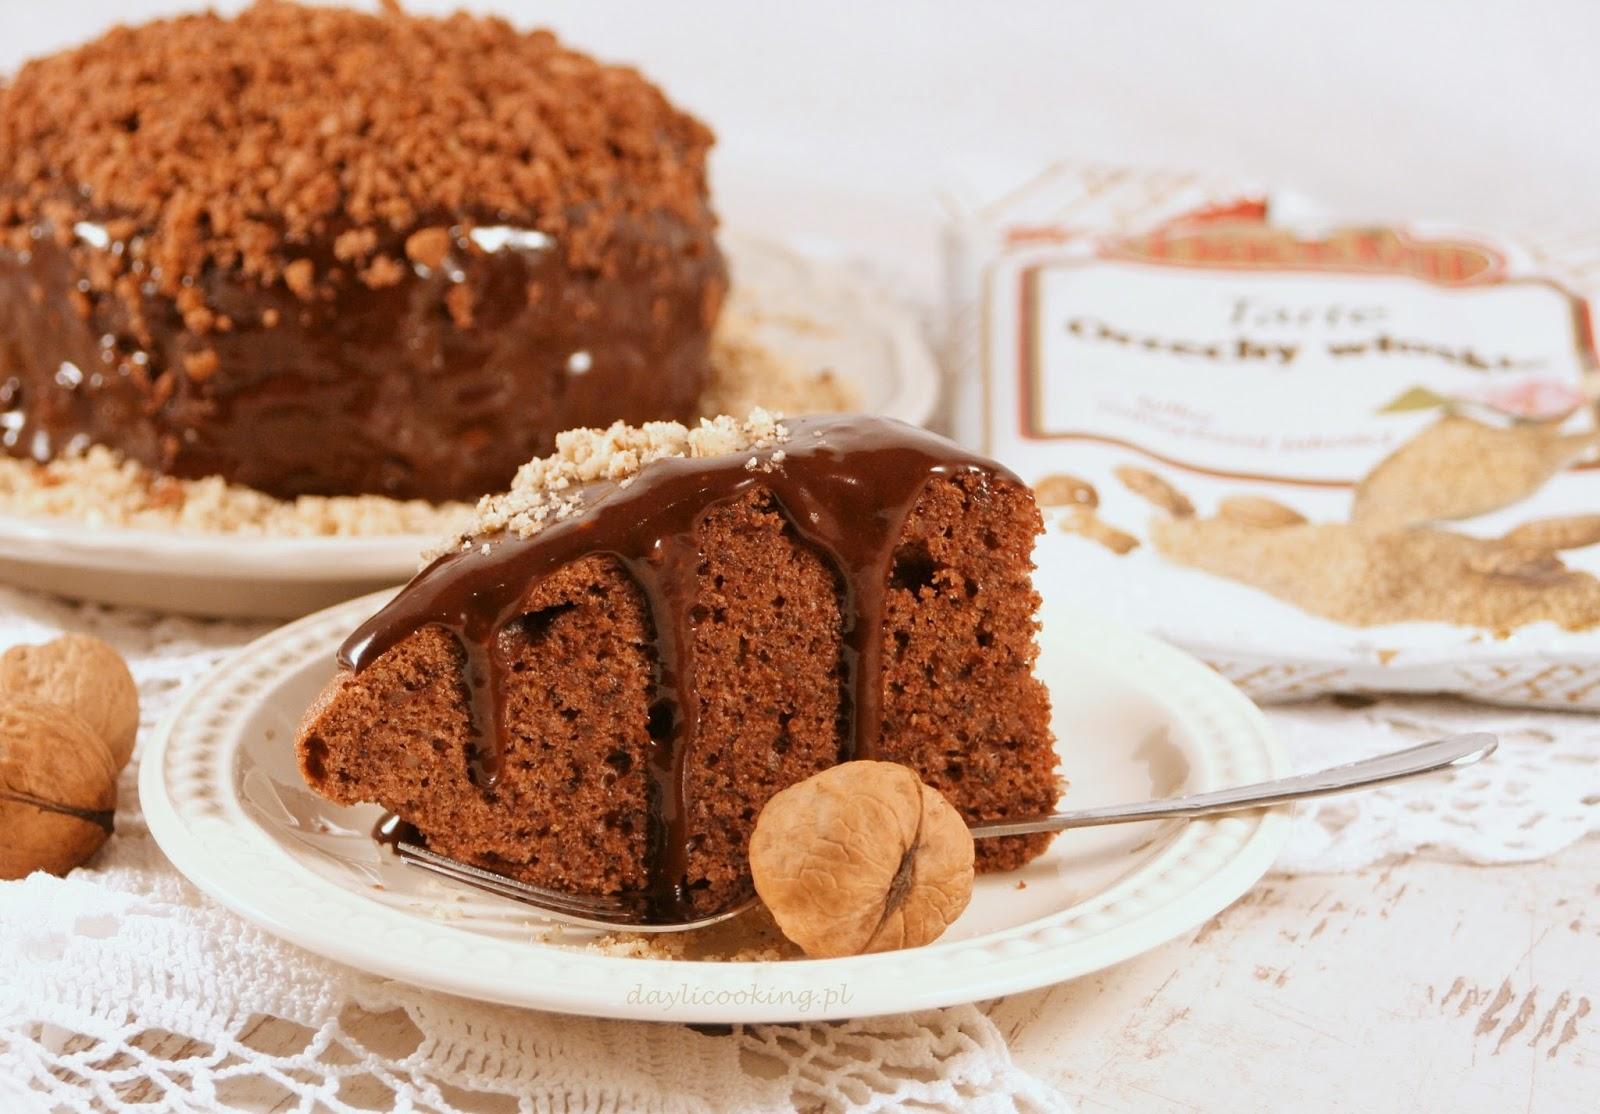 szybkie ciasto z włoskich orzechów, ciasto z orzechami